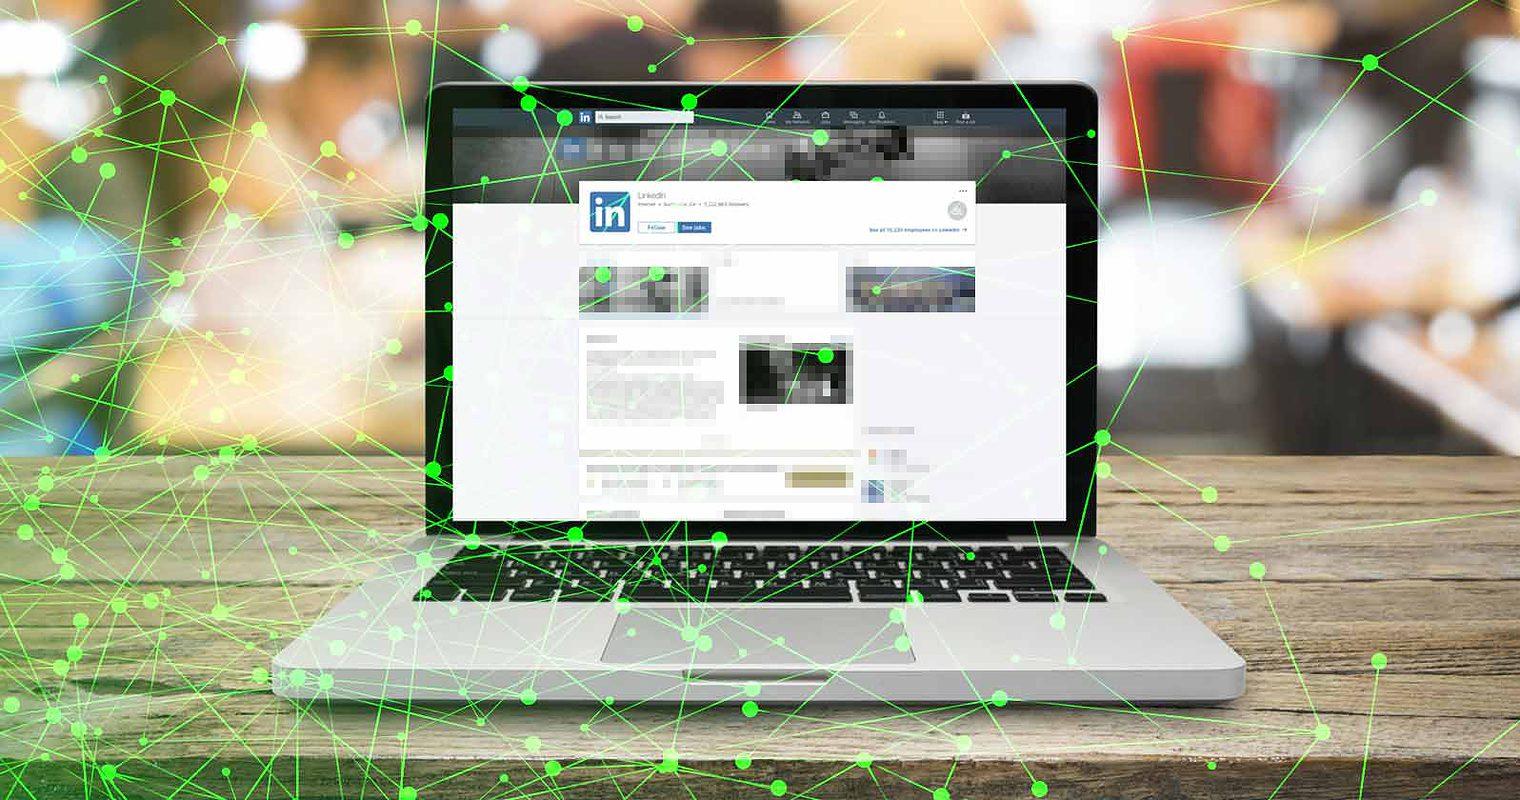 3 Steps to Leverage LinkedIn for Link Building